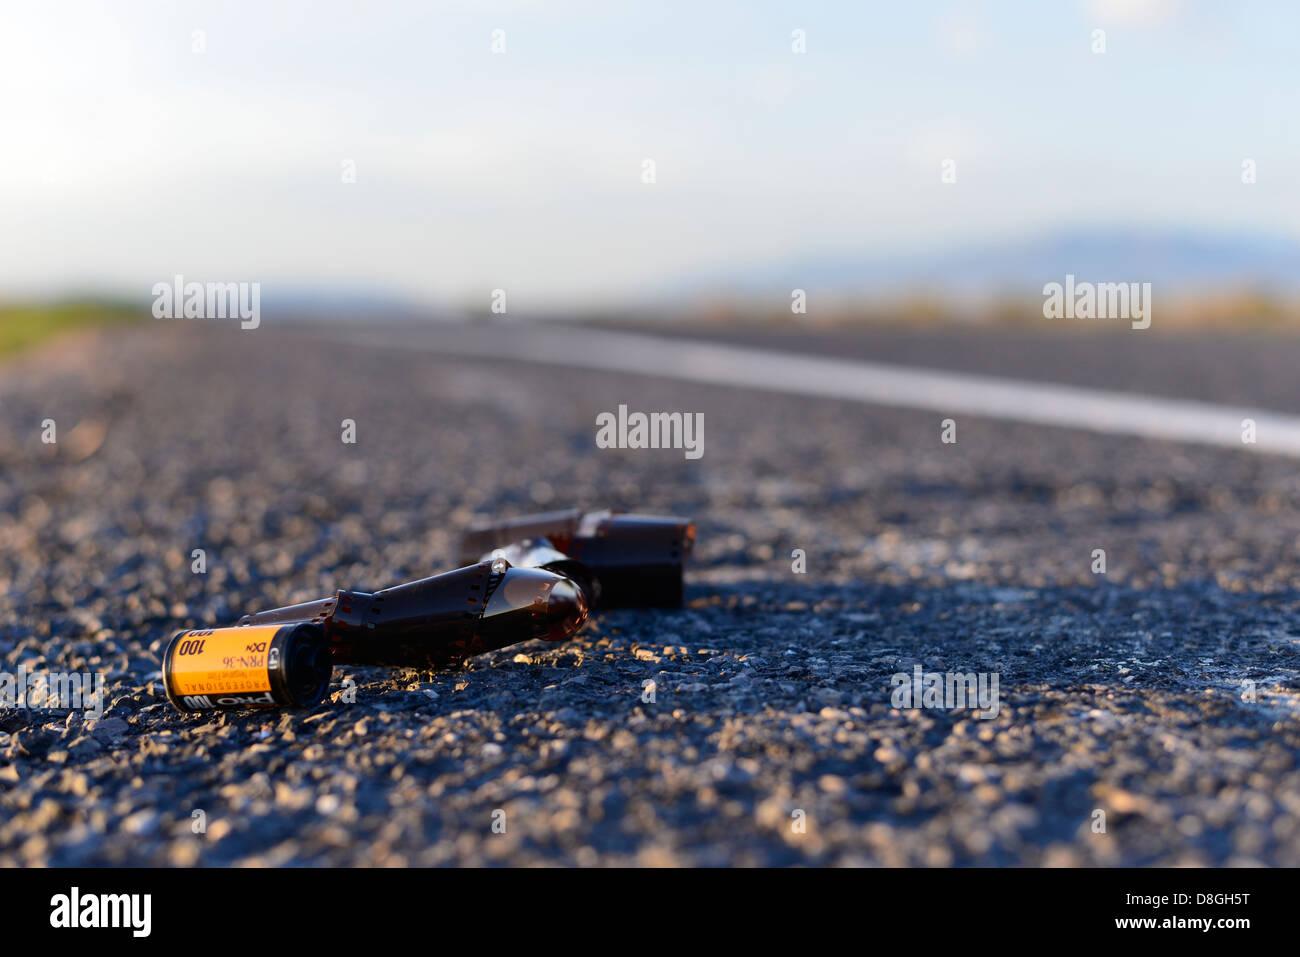 Rouleau de film abandonnés le long du côté de l'autoroute dans la région du Grand Bassin Photo Stock